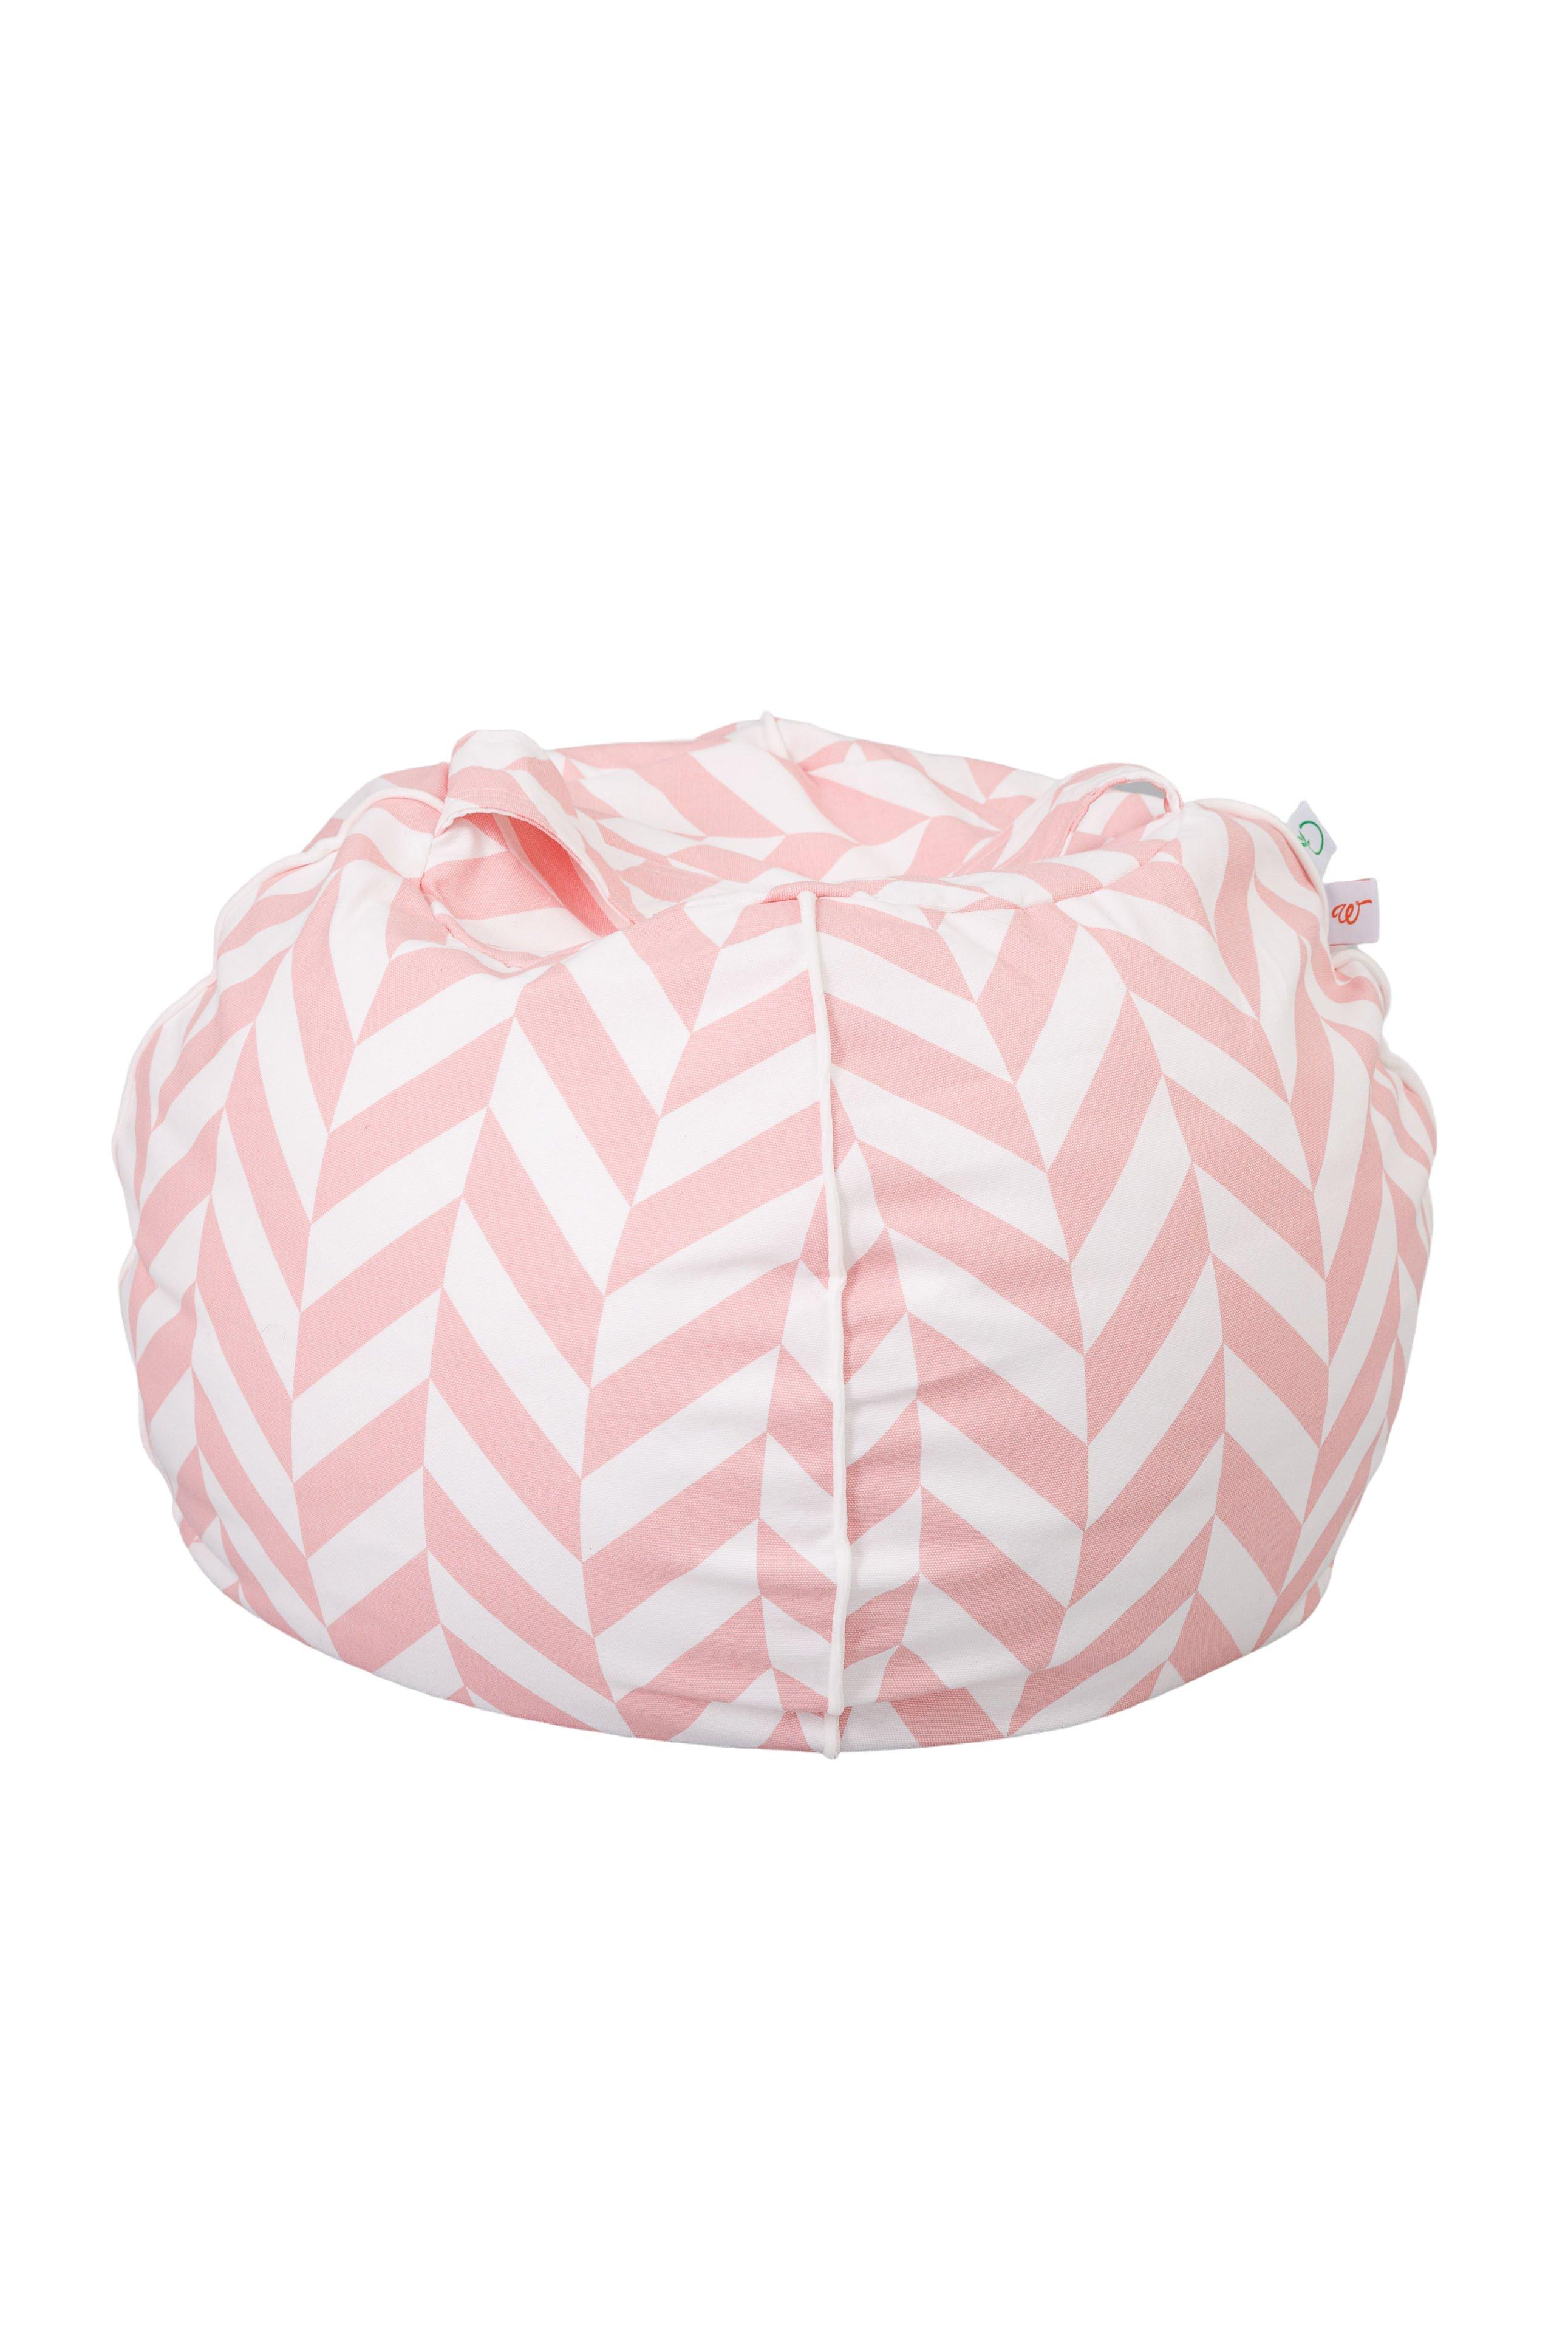 Sitzsack Bubble Zickzack rosa weiß 70x45 cm